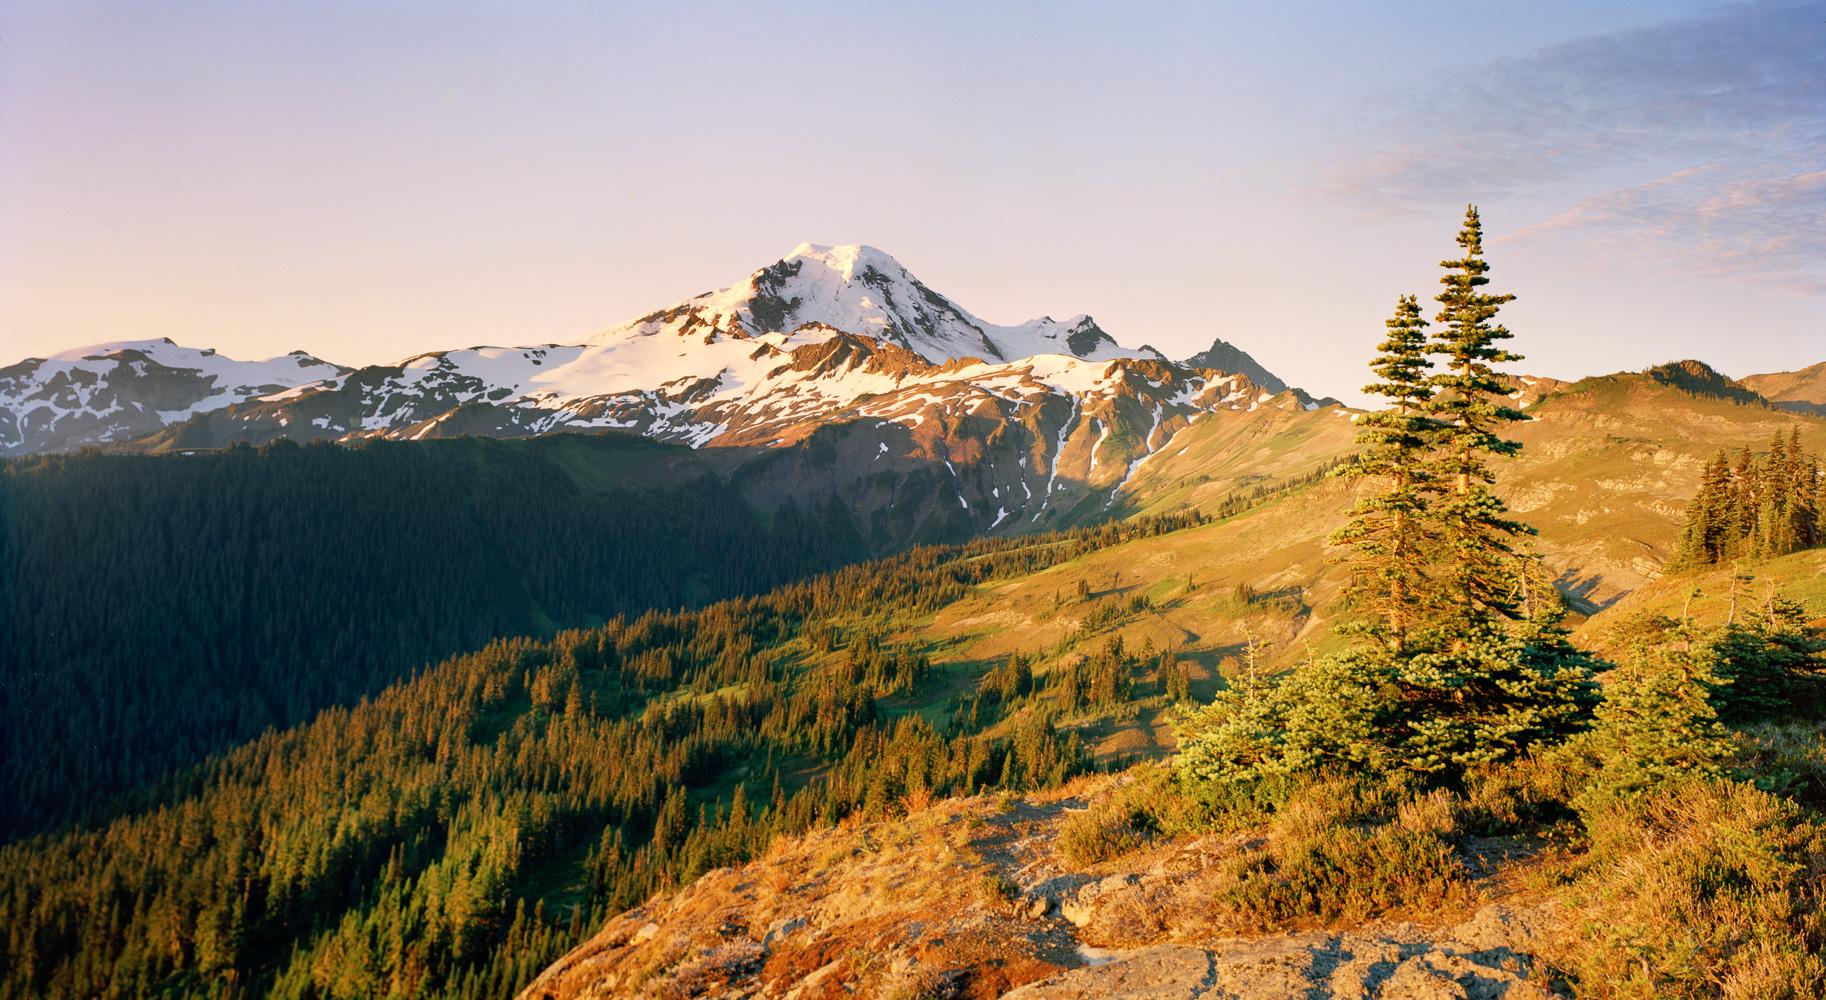 Sunrise on Mount Baker. Ektar 100, 4x5.